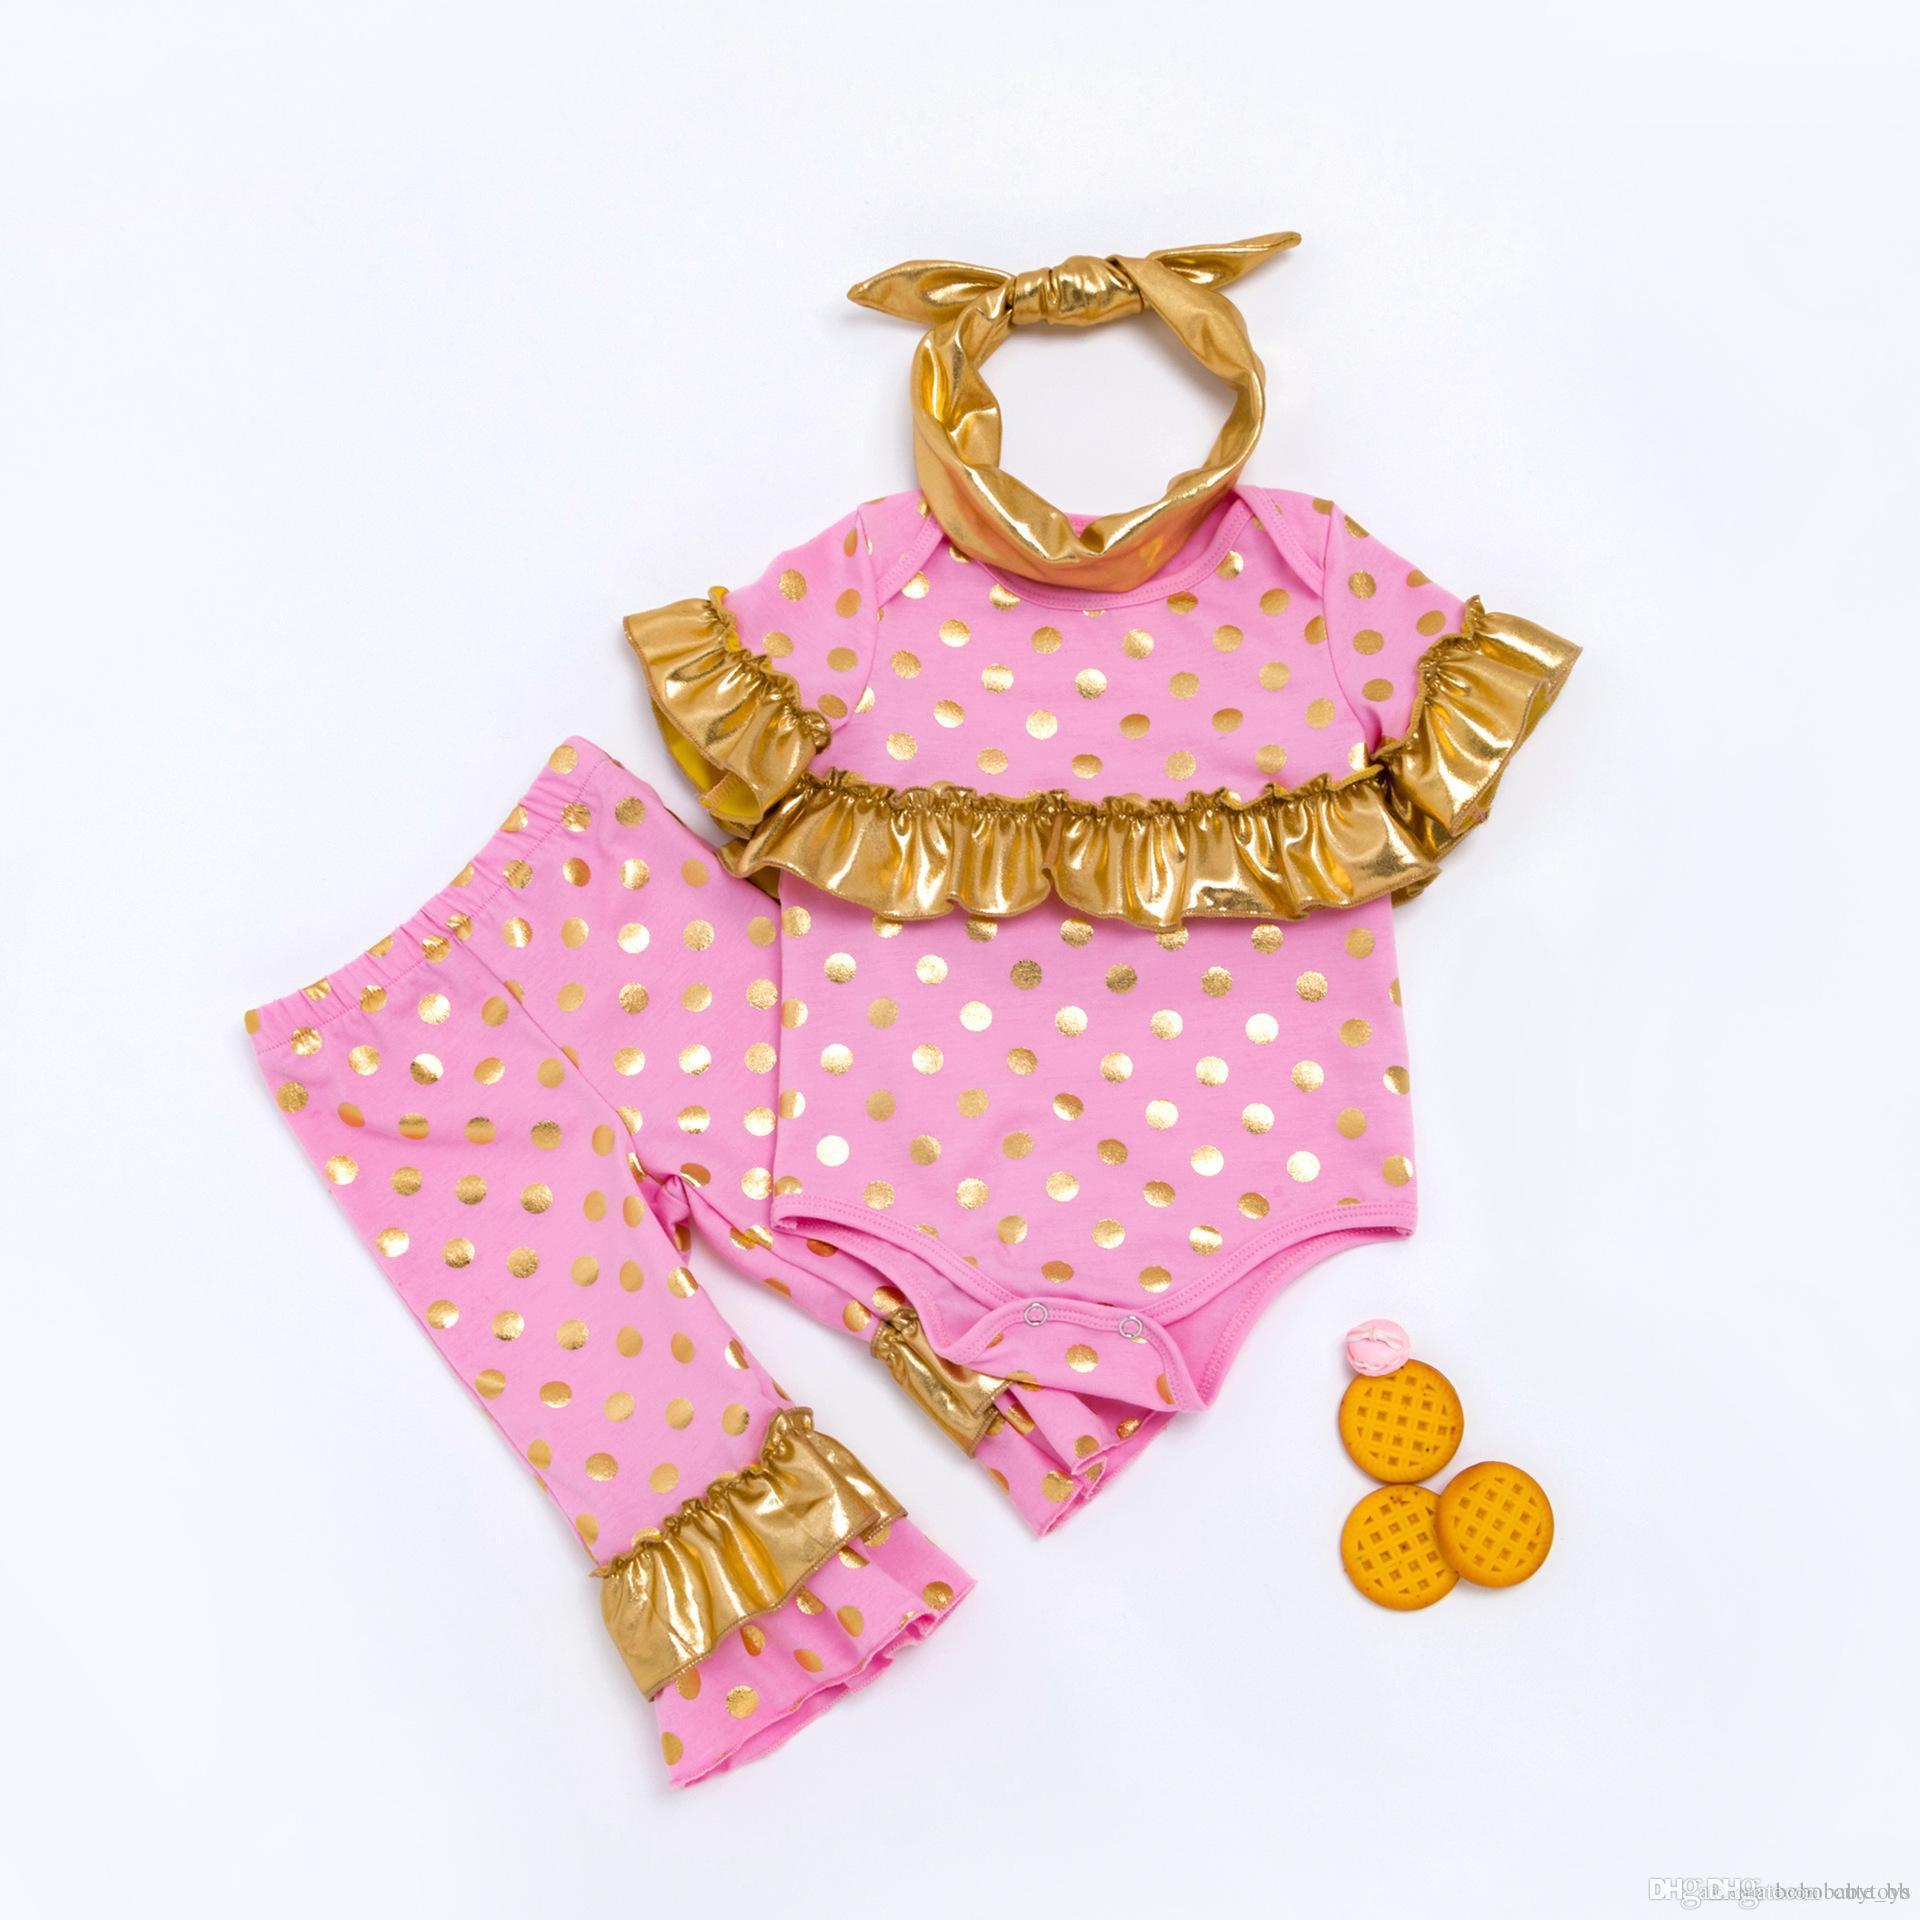 الوليد طفلة الخريف الملابس مجموعات 0-18M الرضع مصمم الأسود الترتر الكشكشة الدعاوى القطن رومبير سروال العصابة 3PCS / مجموعة B282